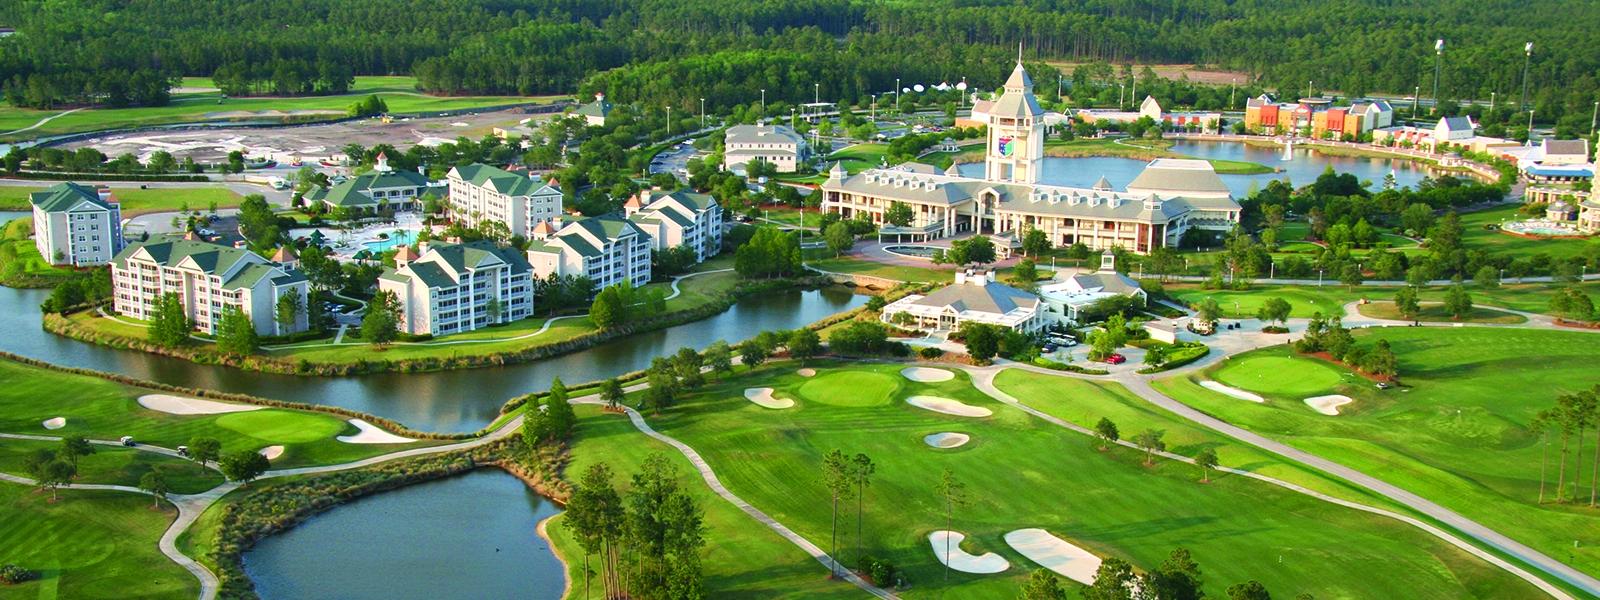 Florida Golf Coach Anne Cain